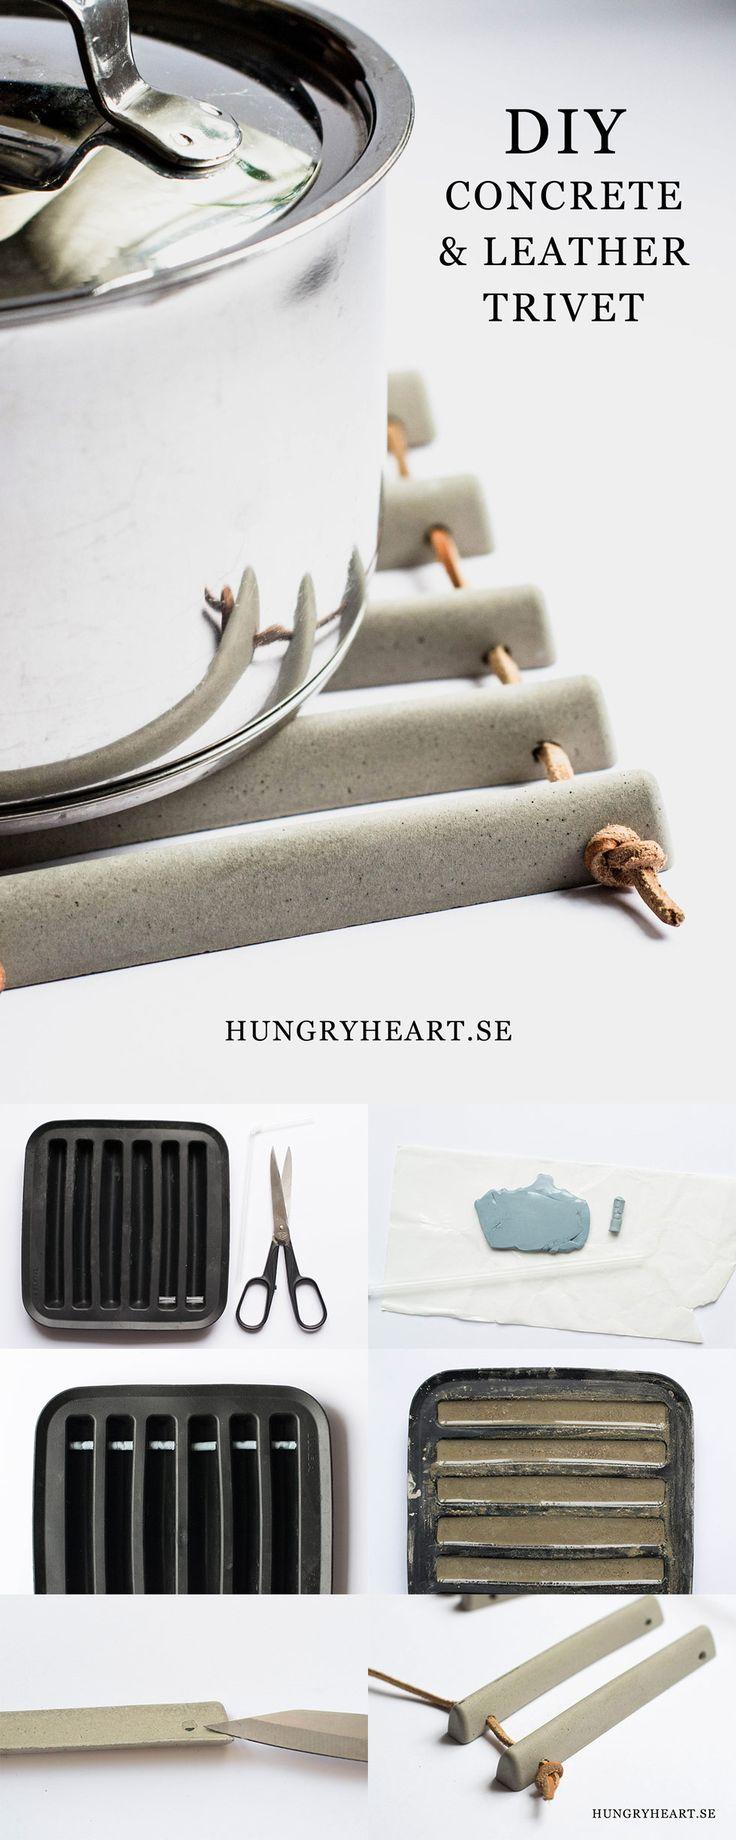 DIY Grytunderlägg av betong och läder | Hungry Heart